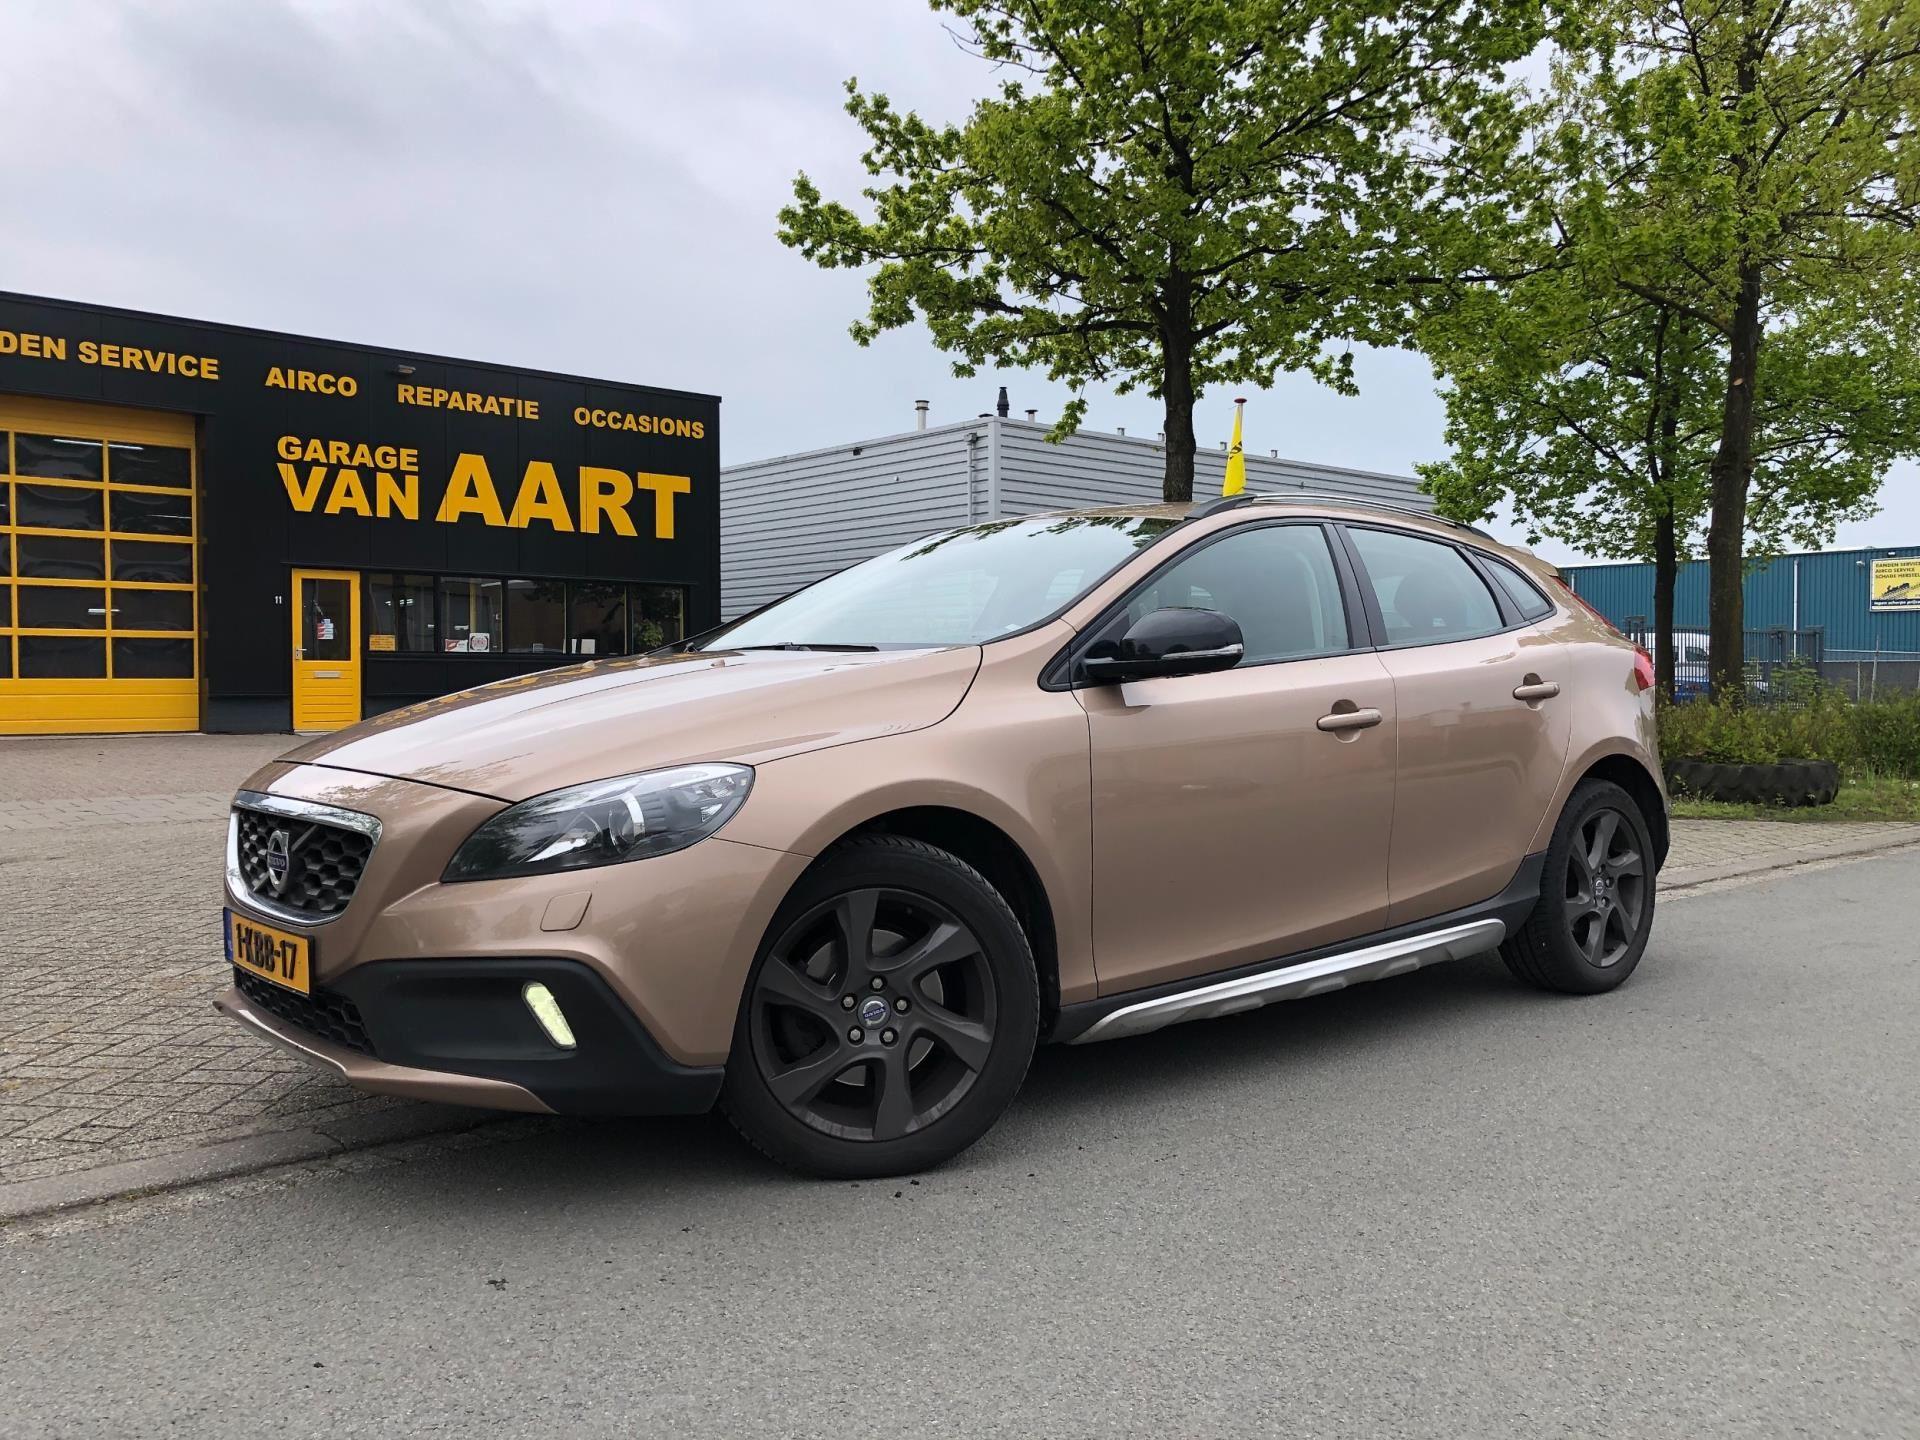 Volvo V40 Cross Country occasion - Garage van Aart